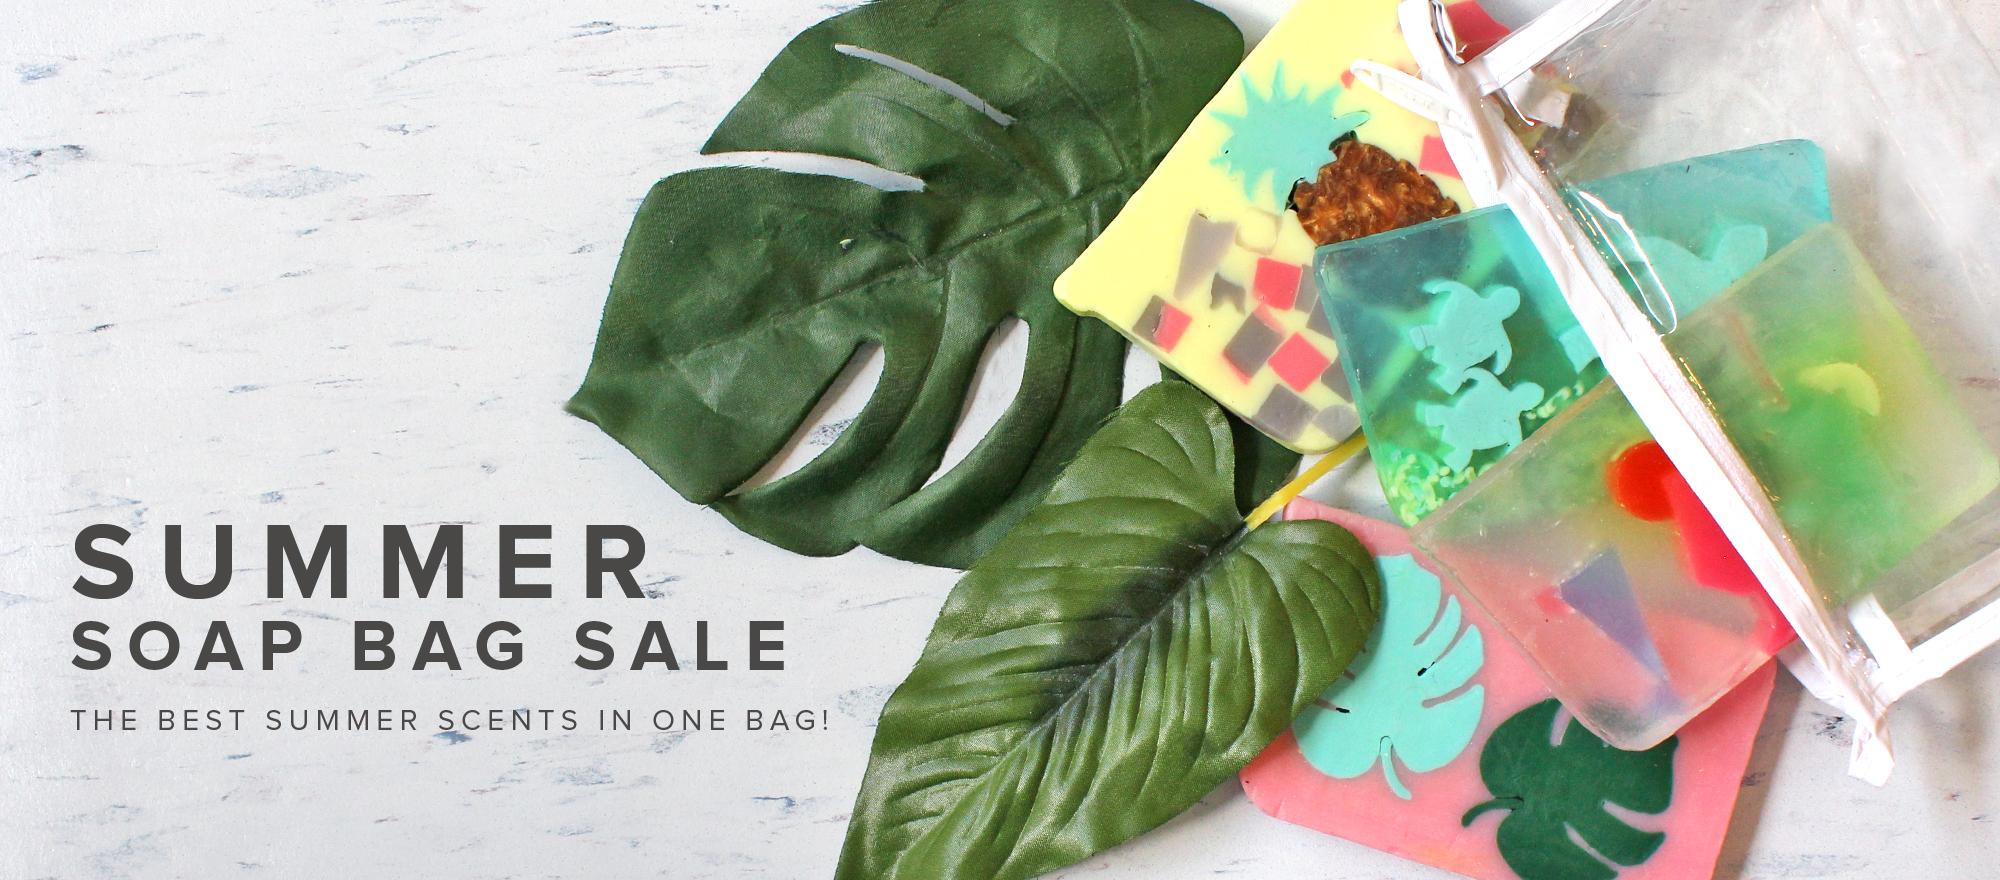 Summer Soap Bag Sale